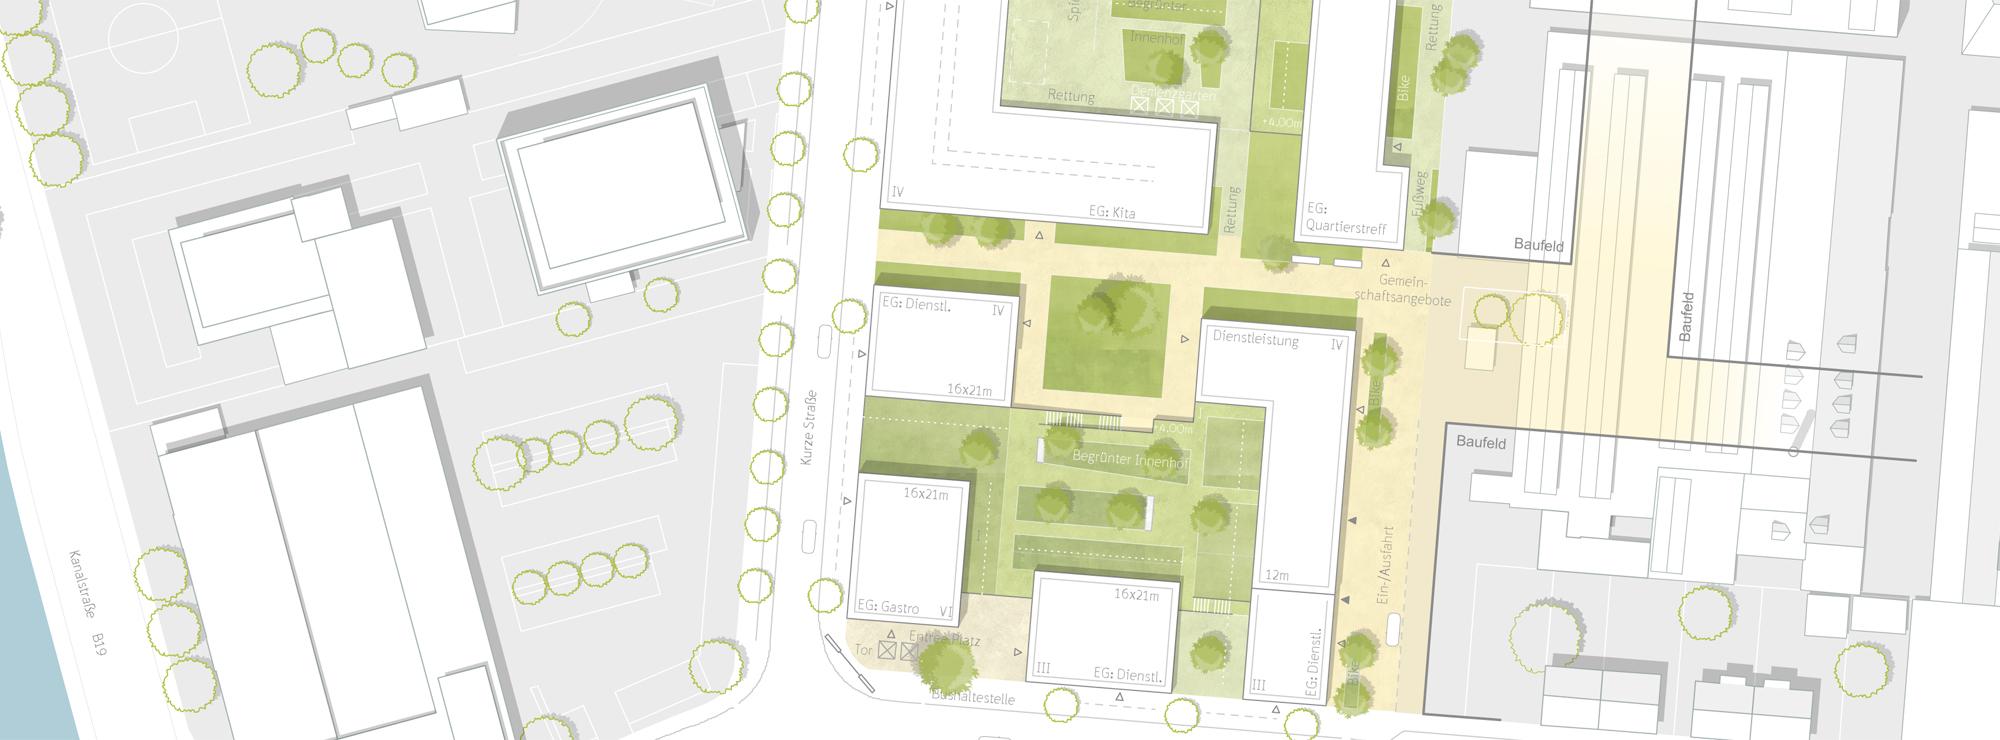 Brenzquartier_Heidenheim_Rahmenplan_Wohnen_Entwurf_ppas